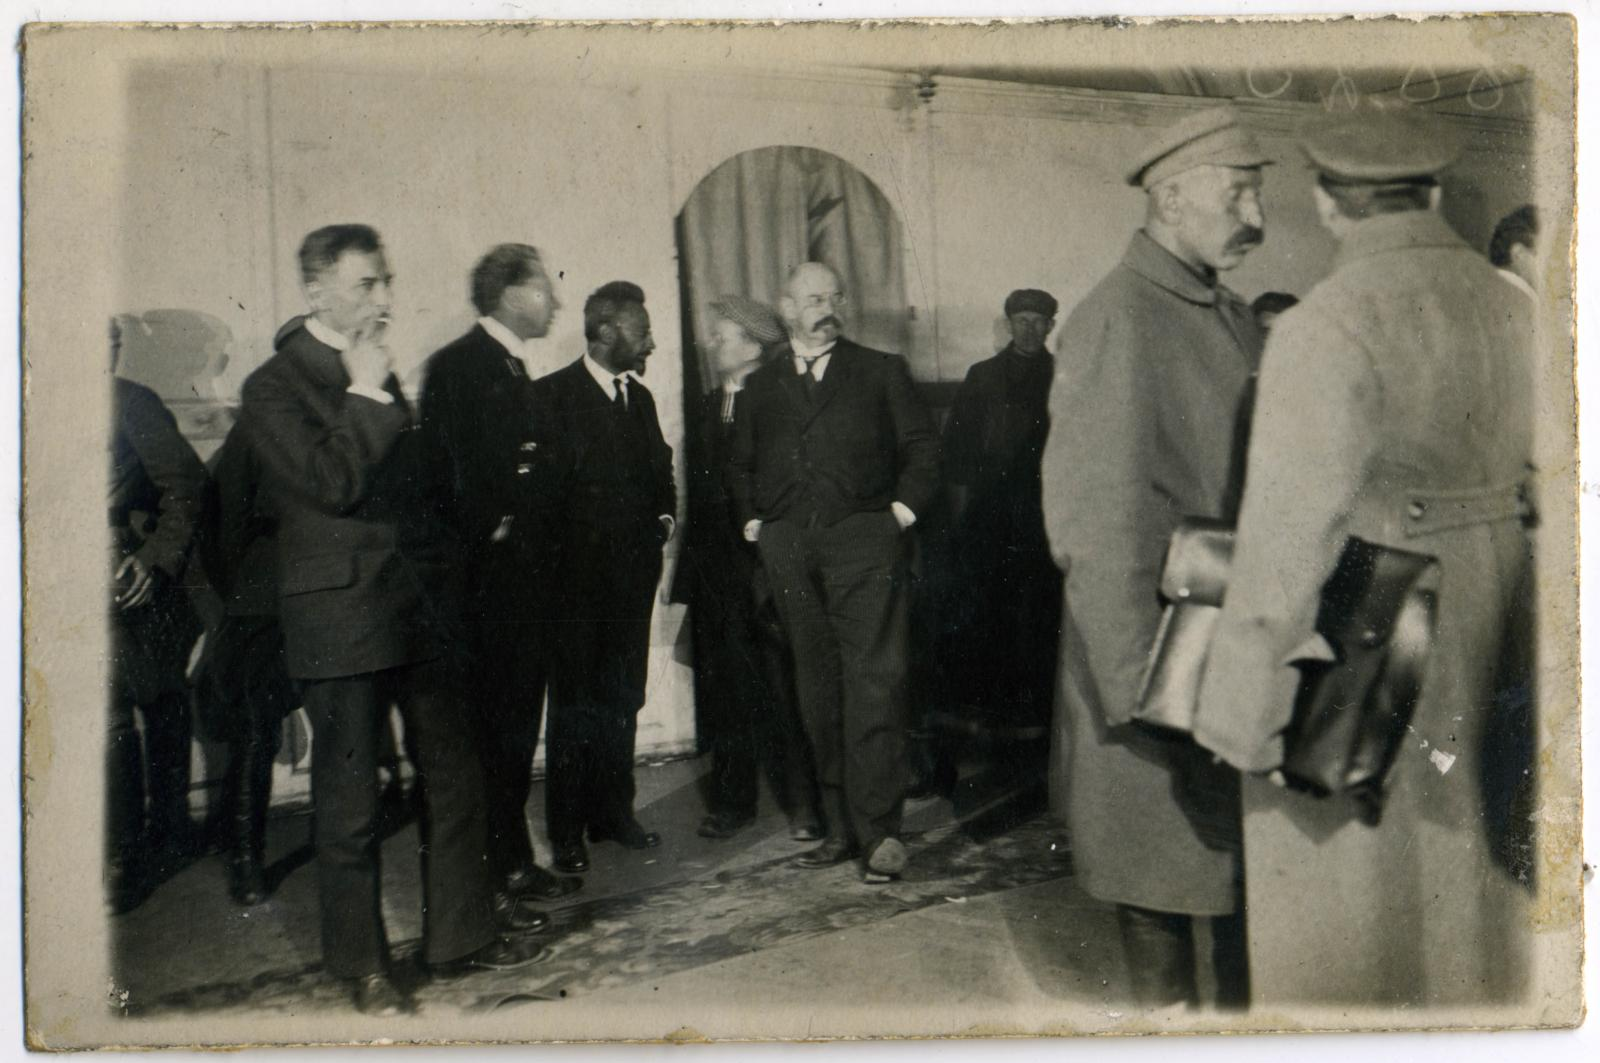 17. Иностранные социалисты – защитники на процессе. По центру, слева - Курт Розенфельд (Rosenfeld, Kurt) (1877-1943) – немецкий левый социал-демократ, адвокат по профессии, и по центру, справа - Эмиль Вандервельде (Émile Vandervelde) (1866-1938) — бельгий